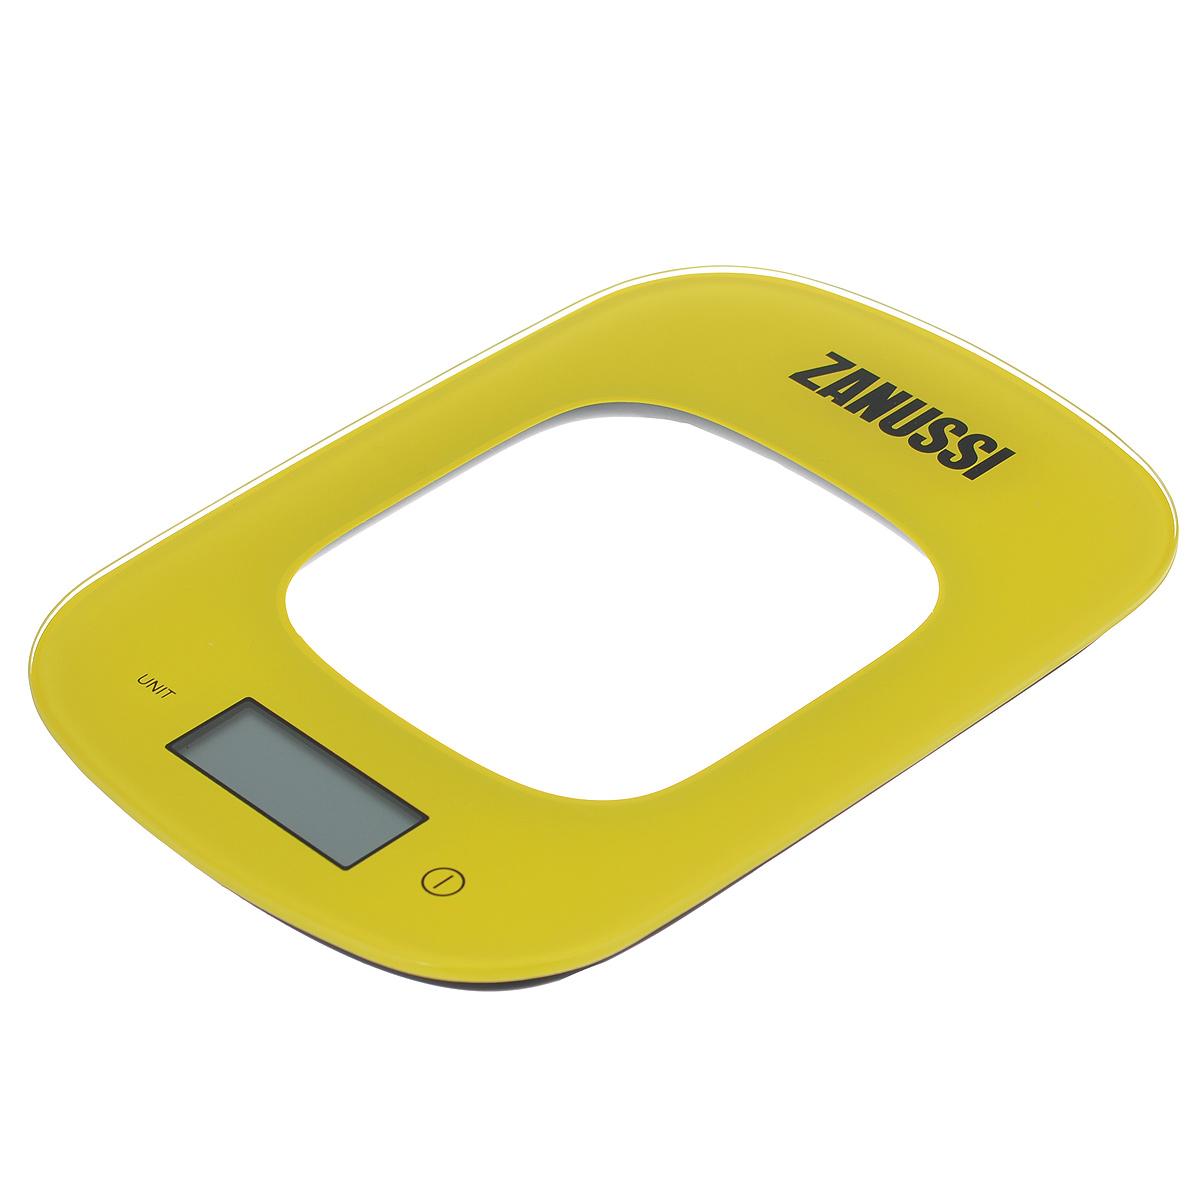 Весы кухонные Zanussi Venezia, электронные, цвет: желтый, до 5 кг. ZSE22222CFZSE22222CFЭлектронные кухонные весы Zanussi Venezia придутся по душе каждой хозяйке и станут незаменимым аксессуаром на кухне. Ультратонкий корпус весов выполнен из пластика с цифровым ЖК-дисплеем. Весы выдерживают до 5 килограмм и оснащены высокоточной сенсорной измерительной системой. Имеется индикатор низкого заряда батареи.С помощью таких электронных весов можно точно контролировать пропорции ингредиентов.УВАЖАЕМЫЕ КЛИЕНТЫ!Обращаем ваше внимание, что весы работают от одной литиевой батарейки CR2032 напряжением 3V (входит в комплект).